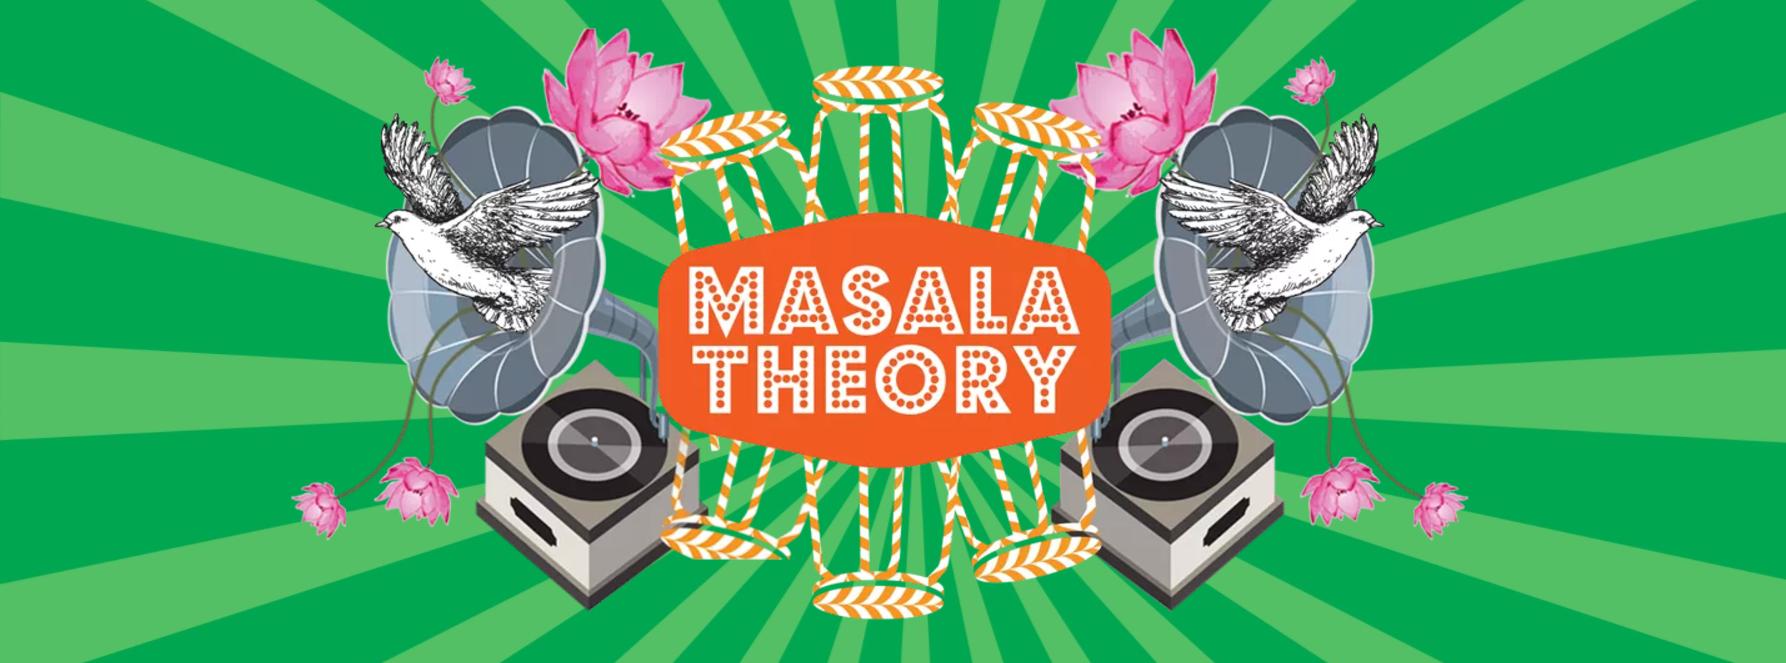 logo_Marsala_Theory.png